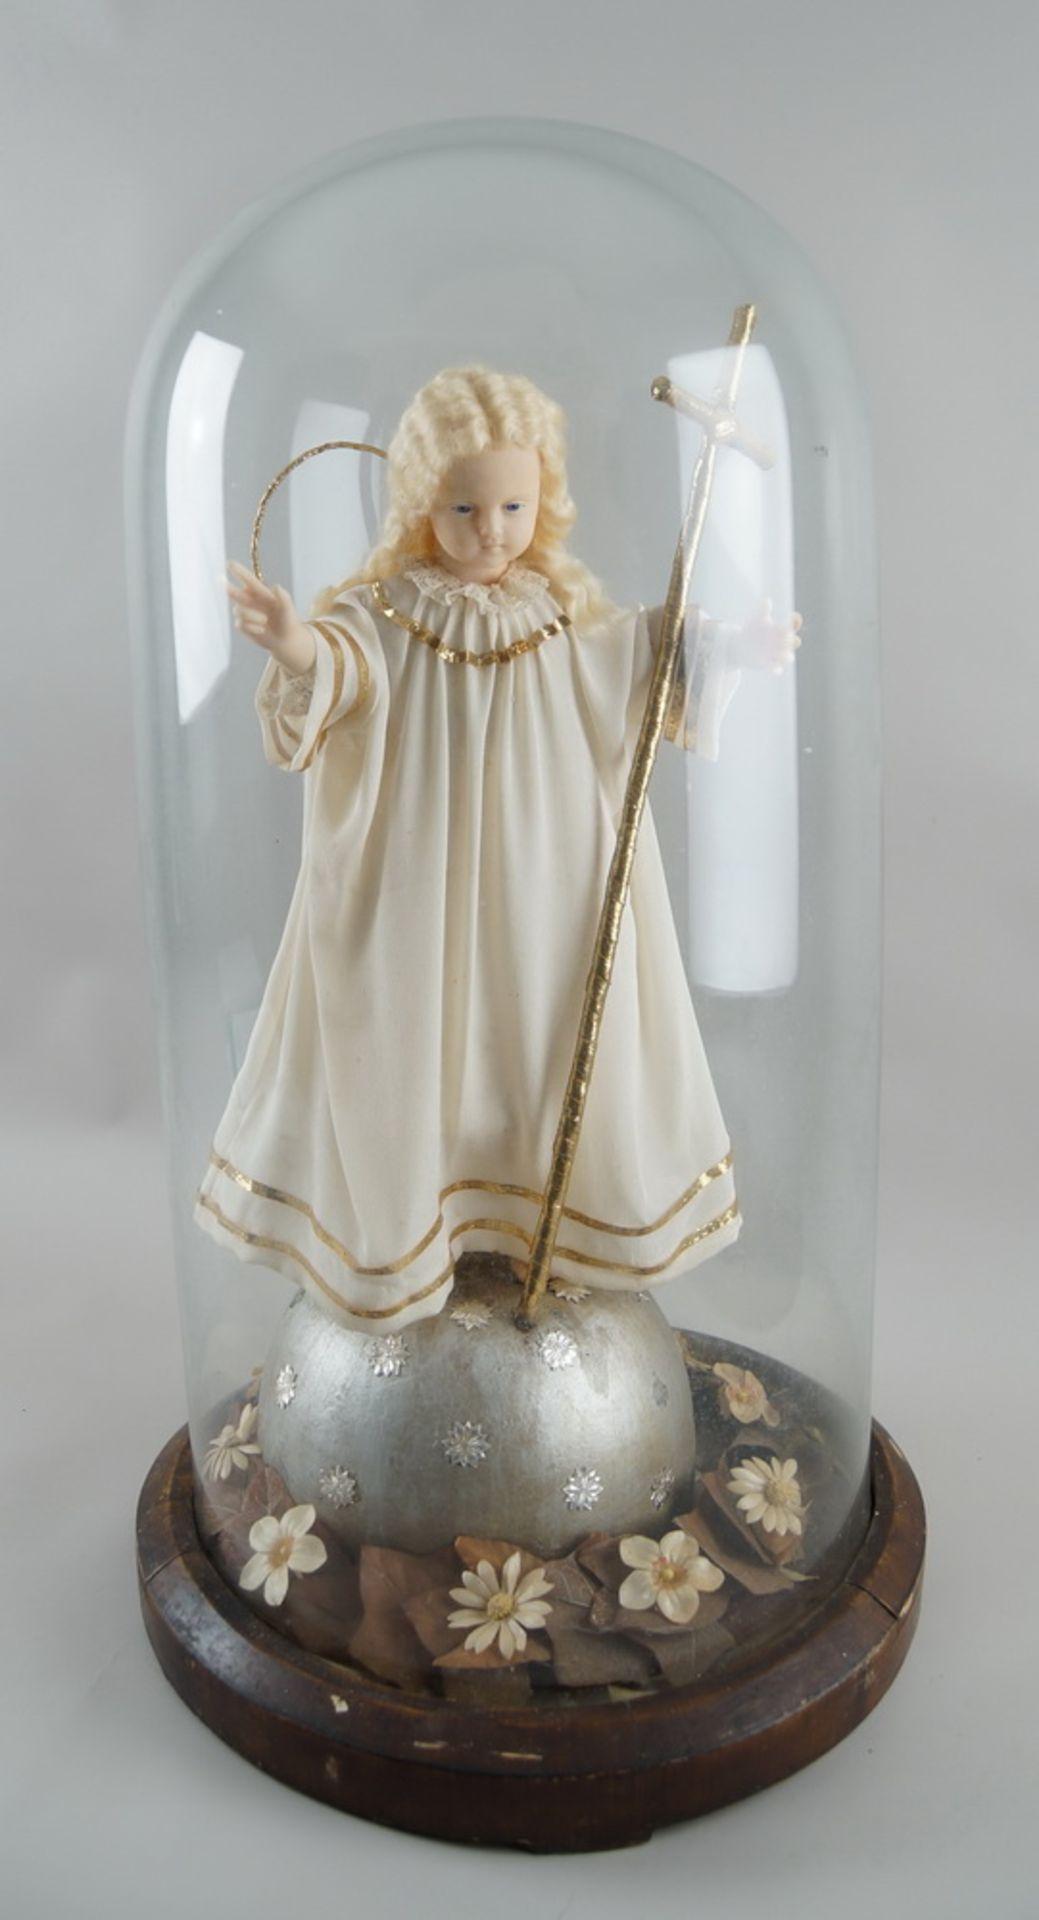 Monumentaler Glasschrein / Glassturz mit Jesuskind aus Wachs und prunkvollem Gewand, H 78cm,